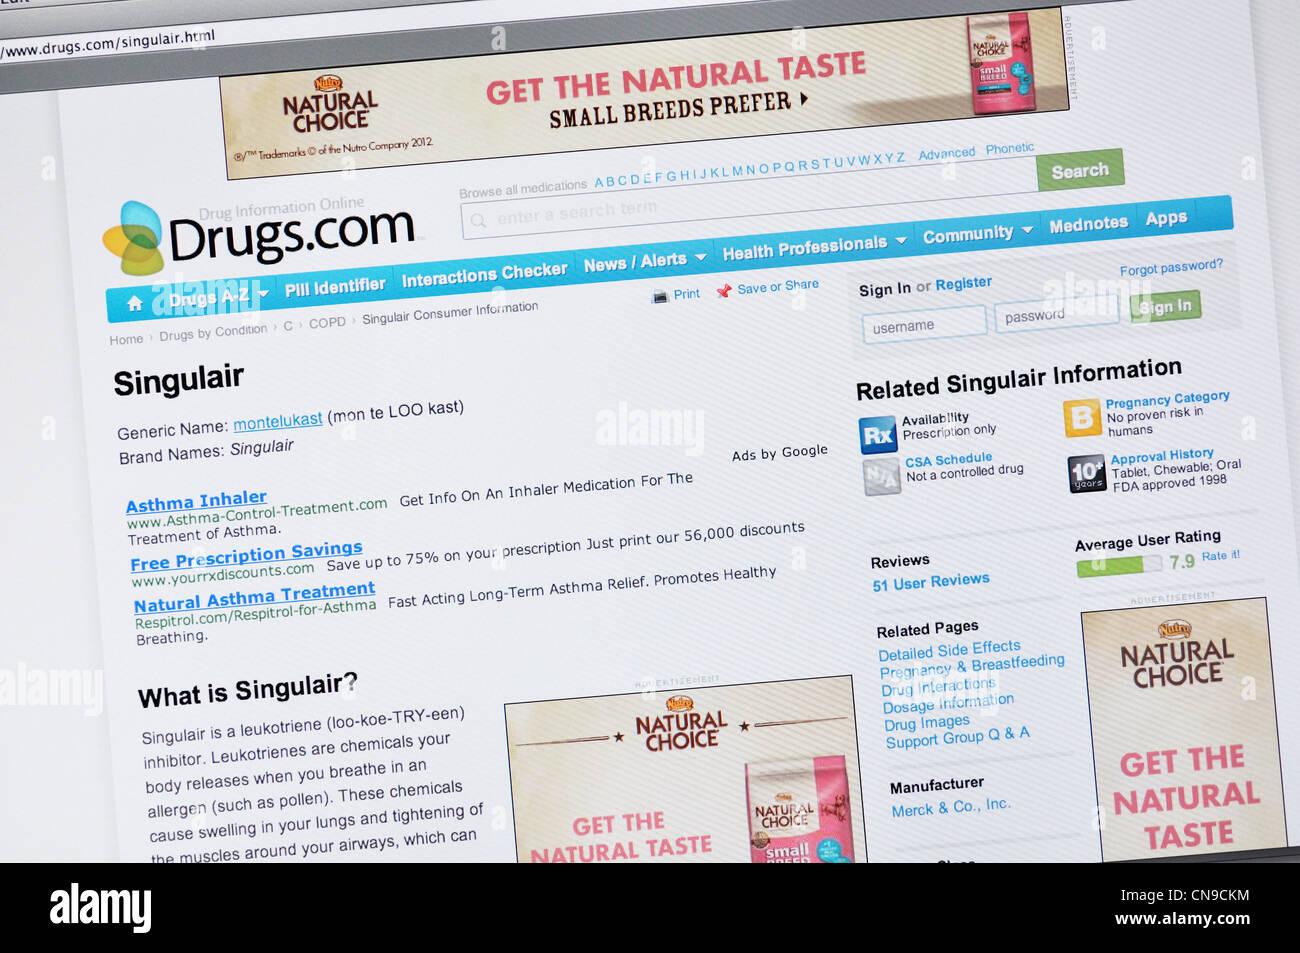 drug website singulair CN9CKM Parmi IndeOu Narendra Modi loupiote en compagnie de refaire Un causerie i propulsion i cause du Cachemire